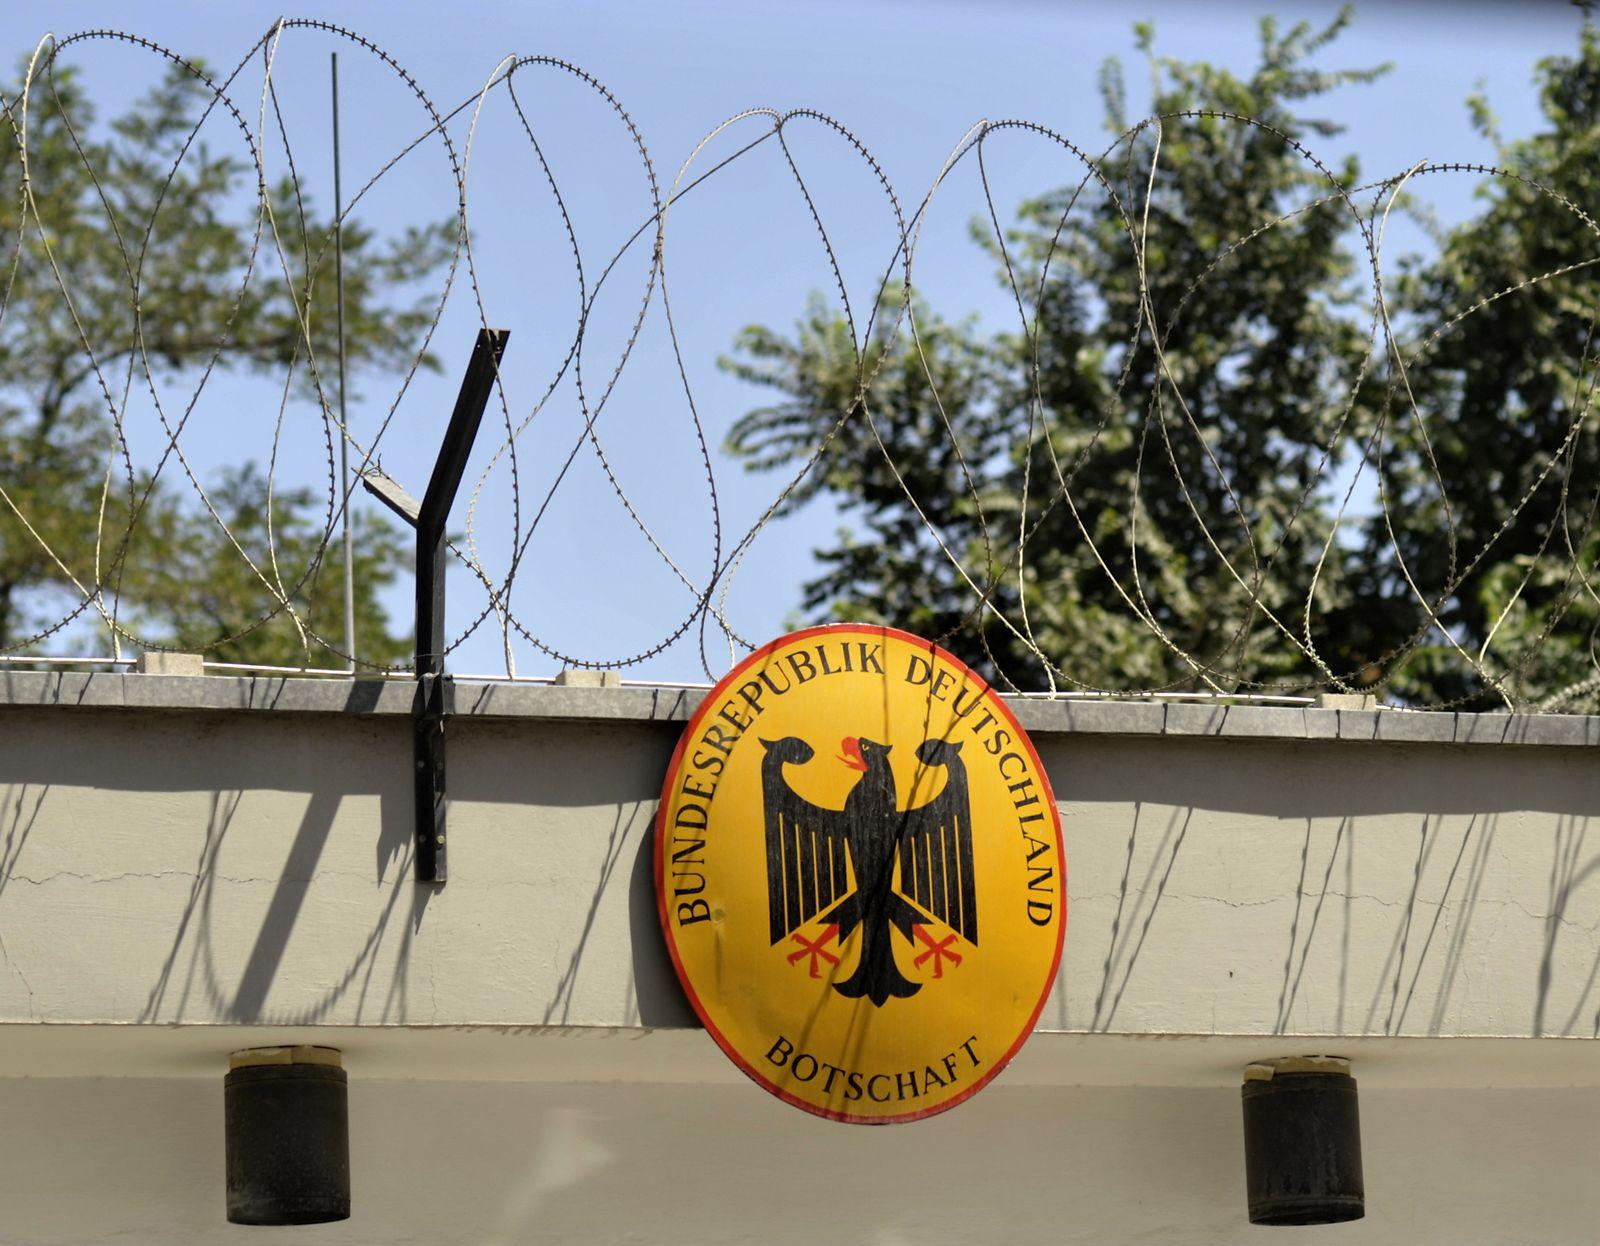 NICHT VERWENDEN Deutsche Botschaft / Deutsche Vertretung in Kabul